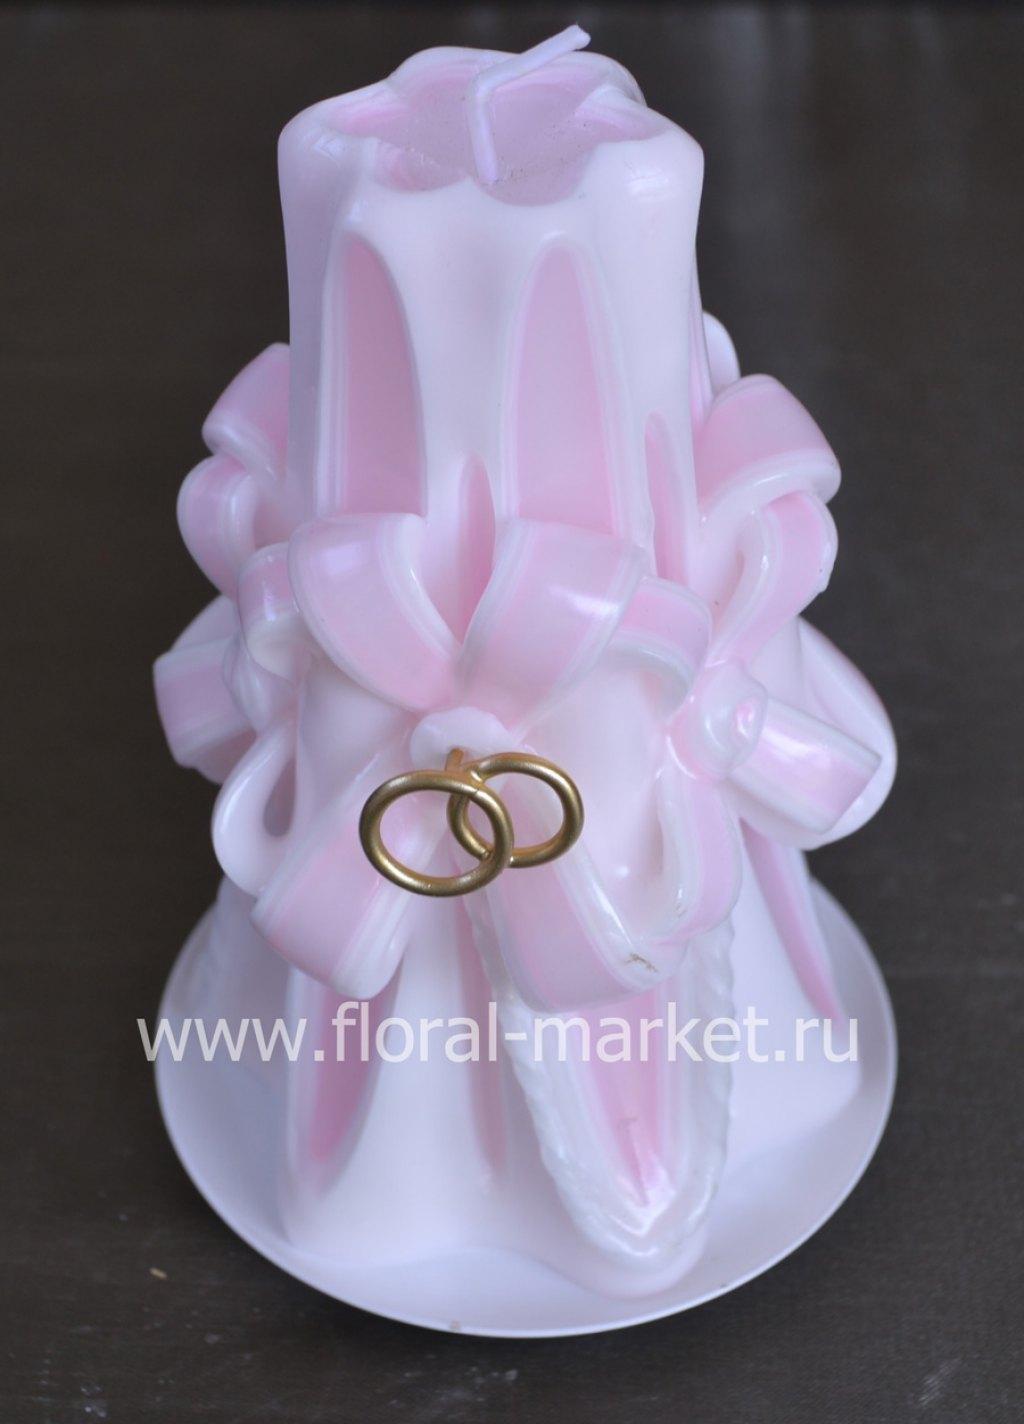 С991628 Свеча резная малая с бантом розов хамелеон